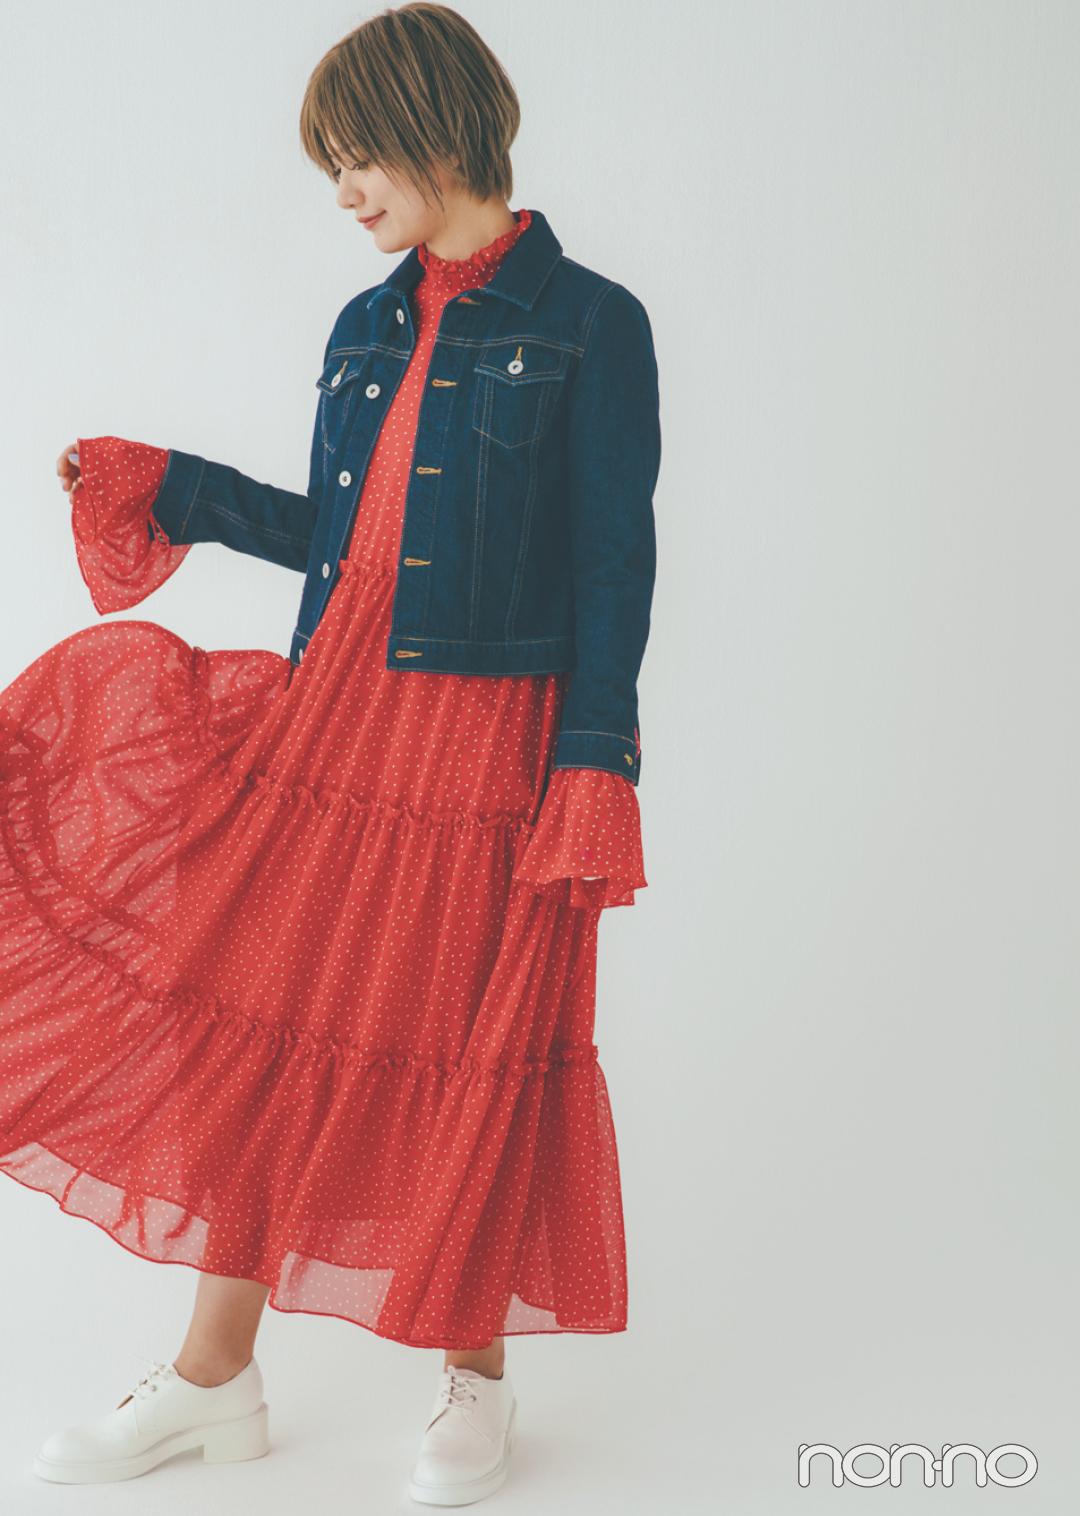 貴島明日香の赤×白×ネイビーがお手本! 好感度&おしゃれ感どっちも♡  _1_3-5